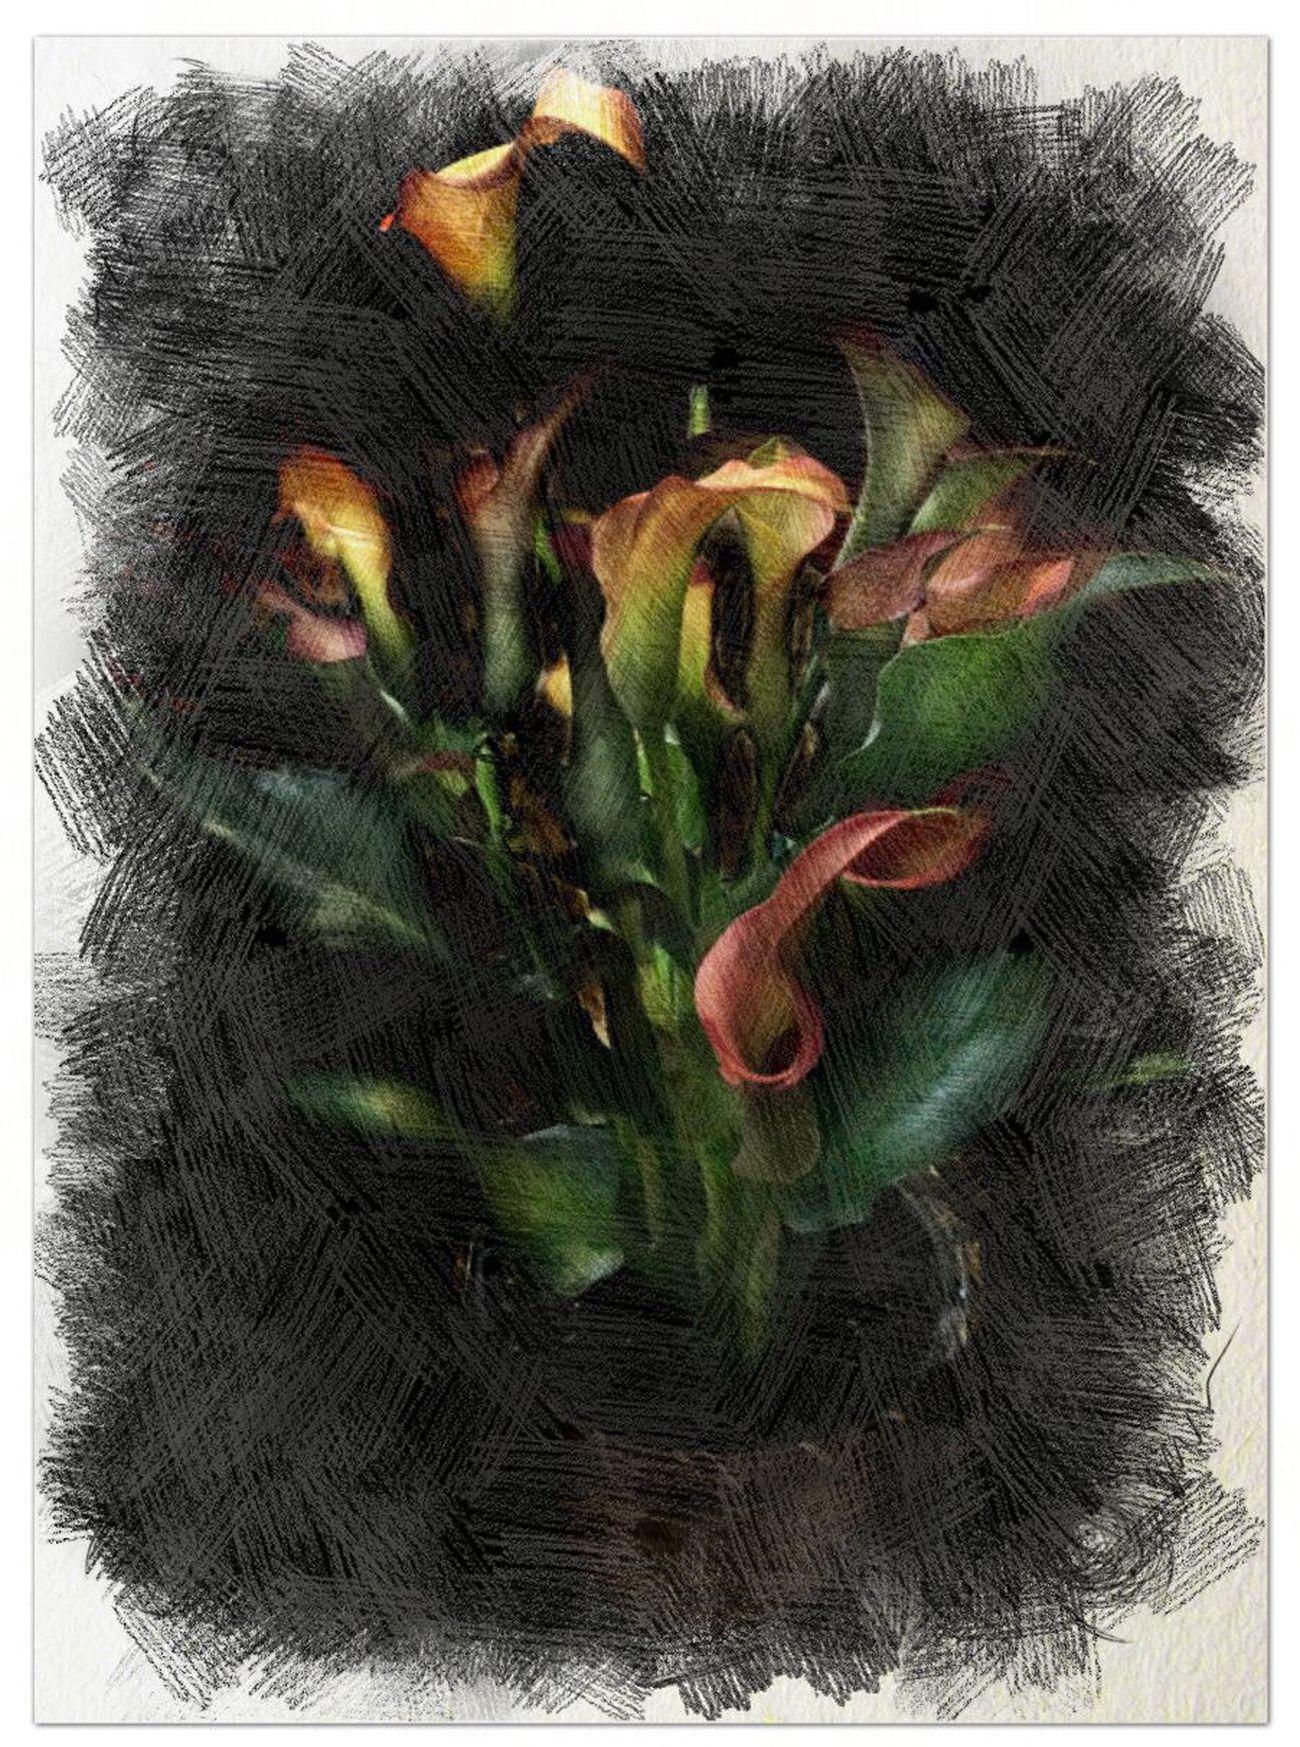 Flower Peggyshobbies.com IPhoneography Painterly Photolabpro